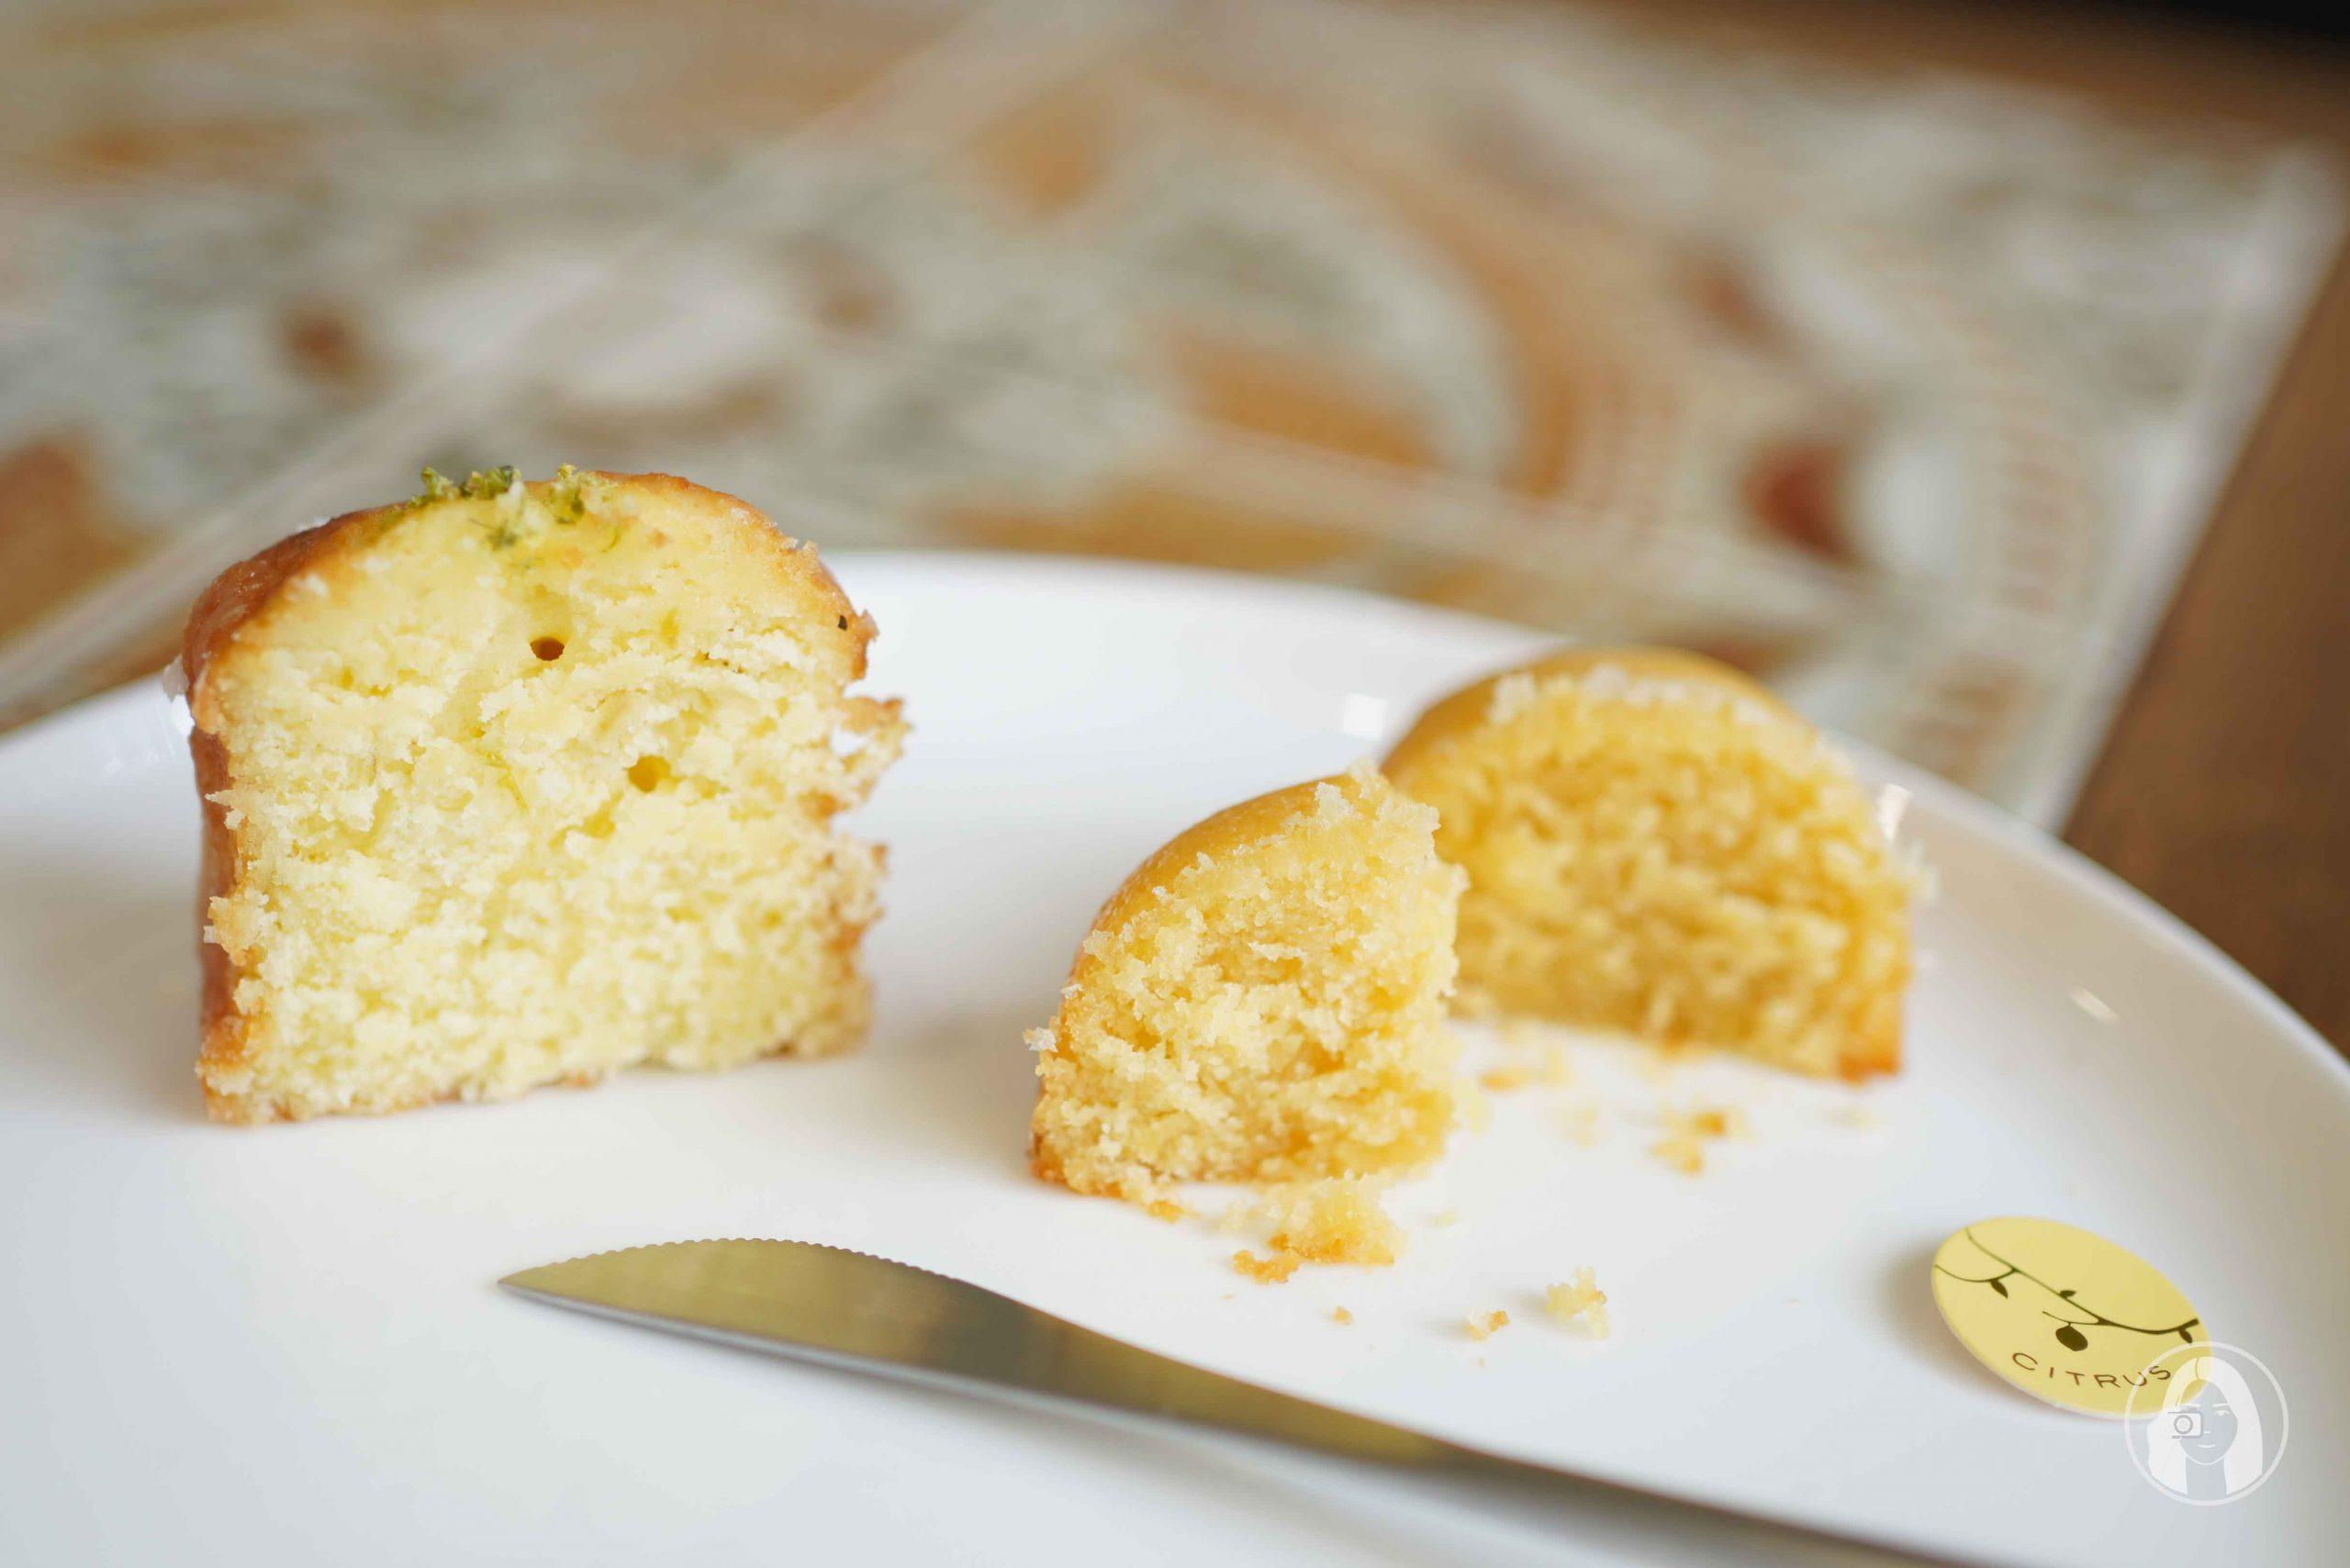 台中.美食  蜜柑法式甜點麵包 Citrus Pâtisserie Boulangerie ,藏身勤美商圈老宅的質感烘焙坊 鹽可頌、脆皮泡芙、生乳捲、季節水果蛋糕